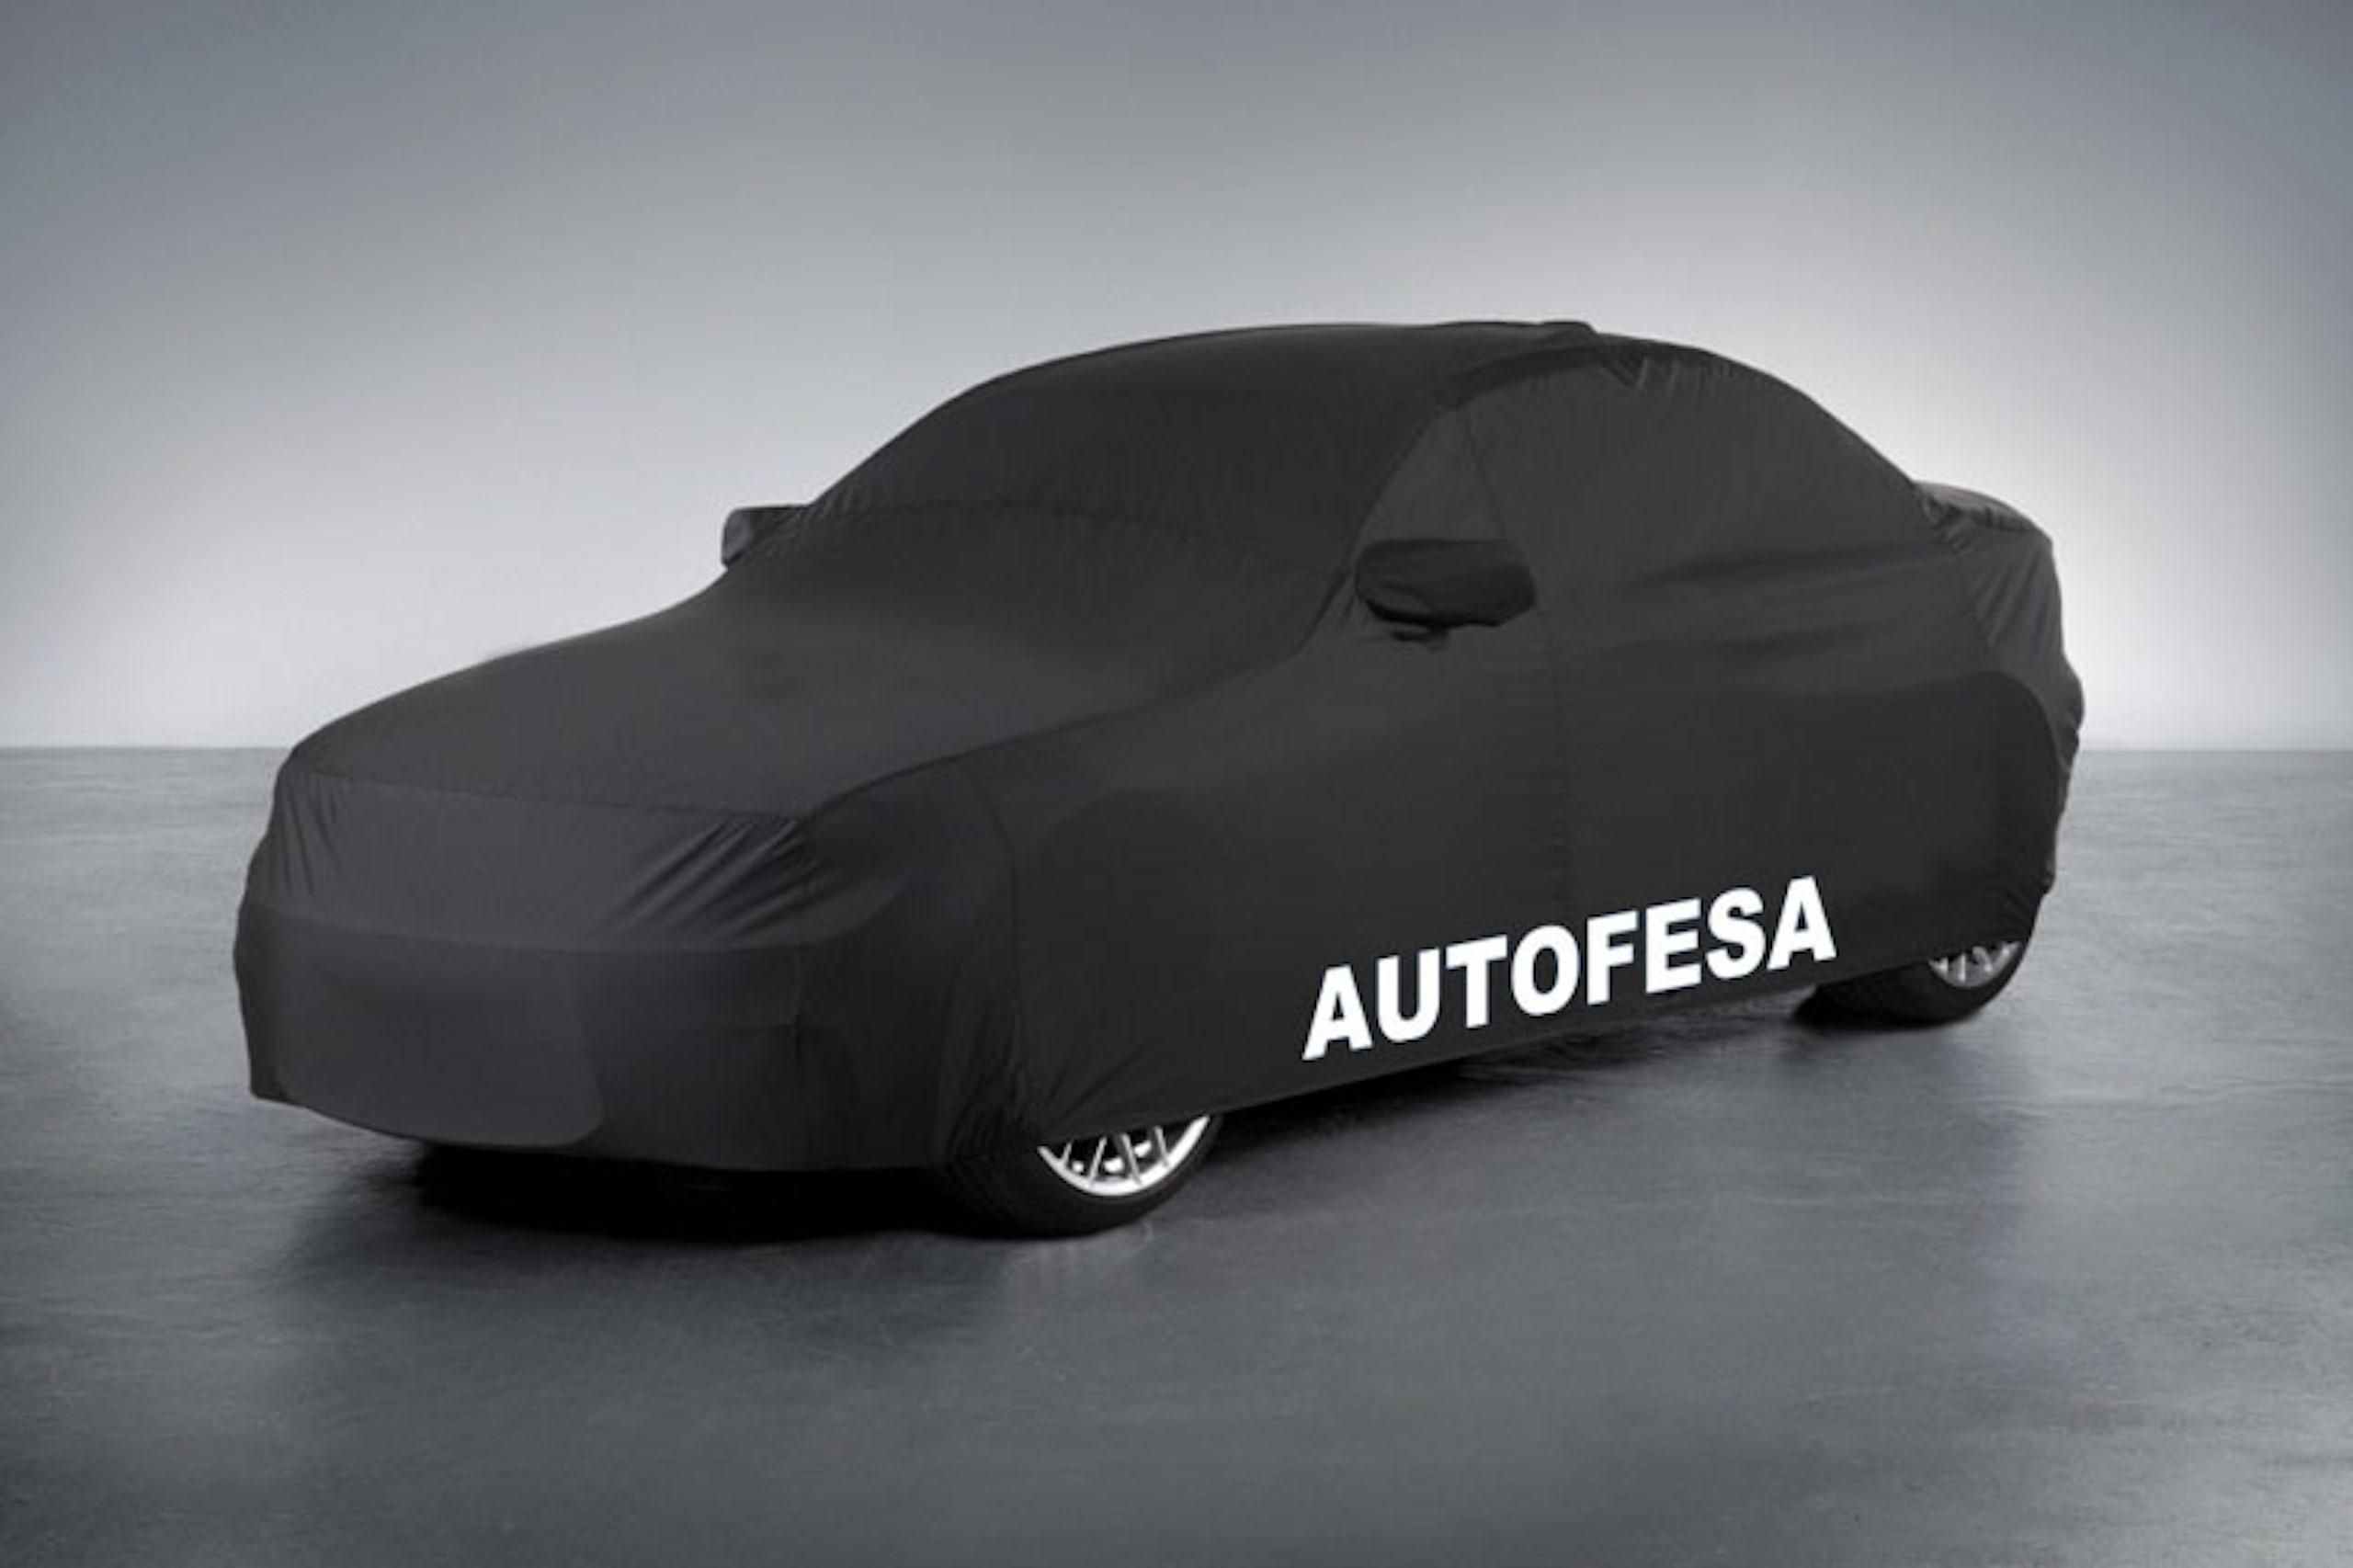 Audi Tts S Coupé 2.0 TFSI 245cv quattro S Line 3p S tronic Auto S/S - Foto 41